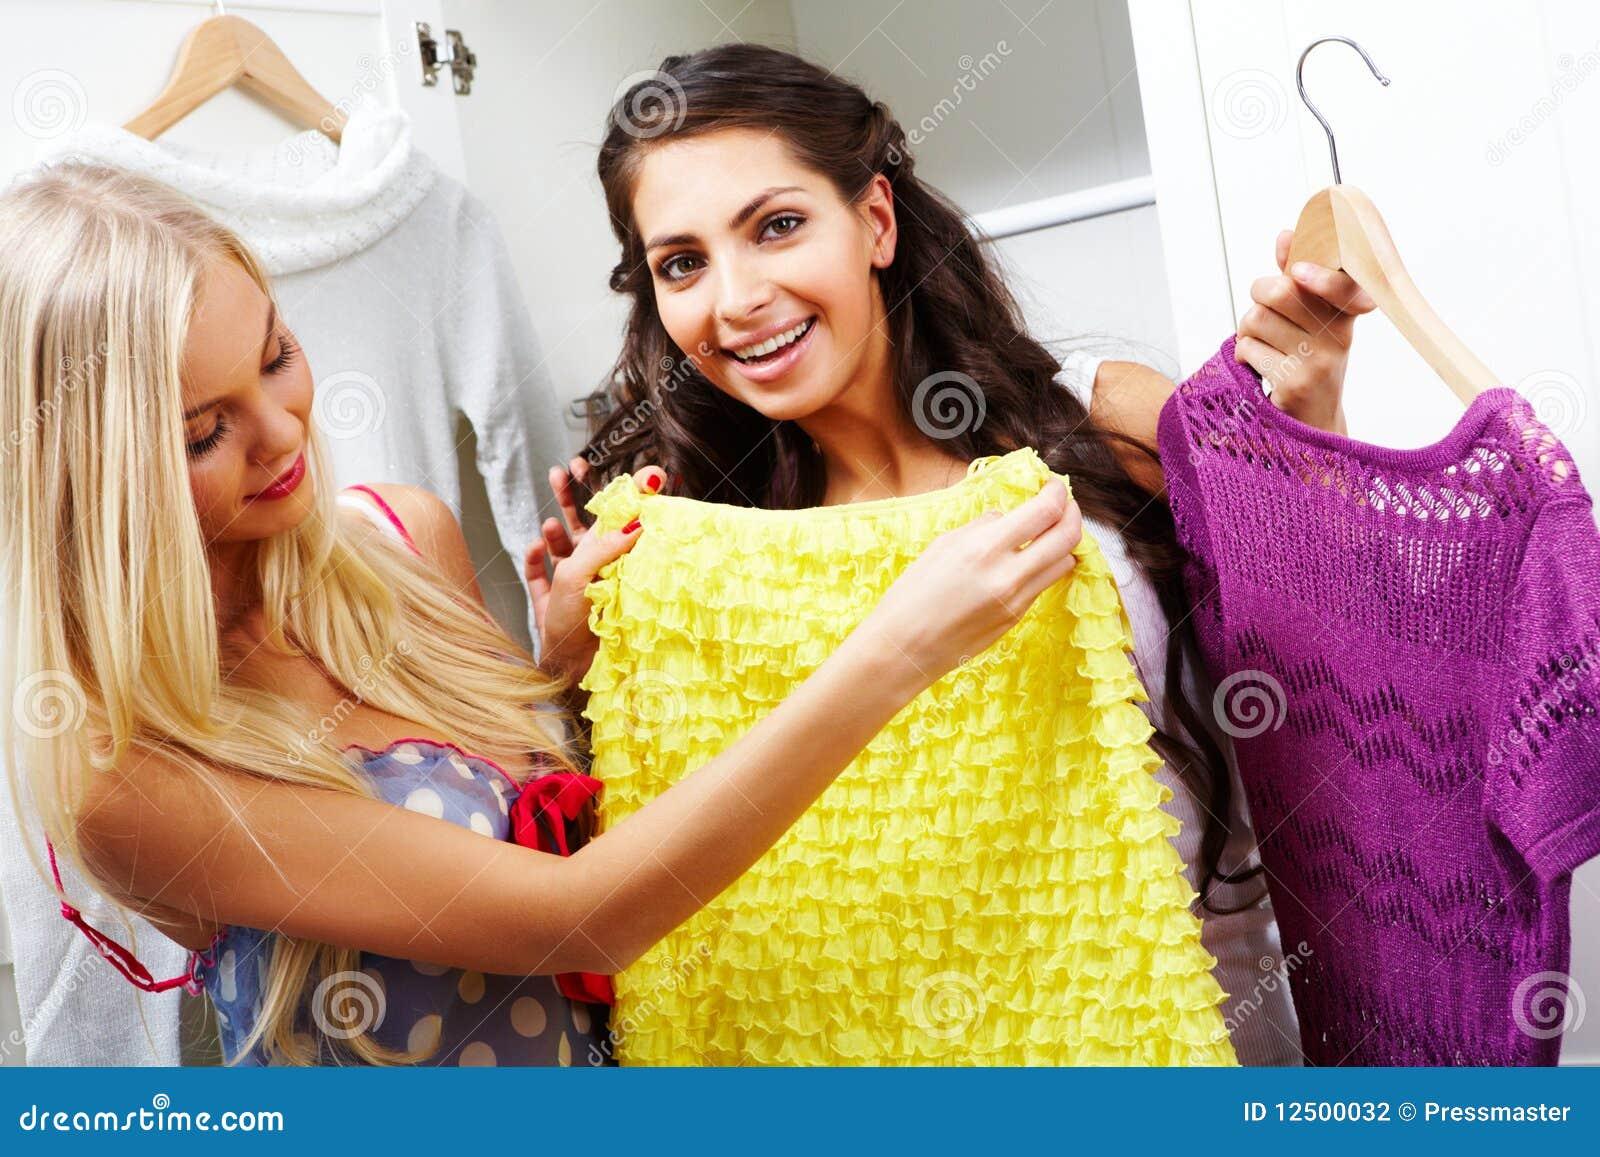 Фото мамы в одежде и без одежды 23 фотография